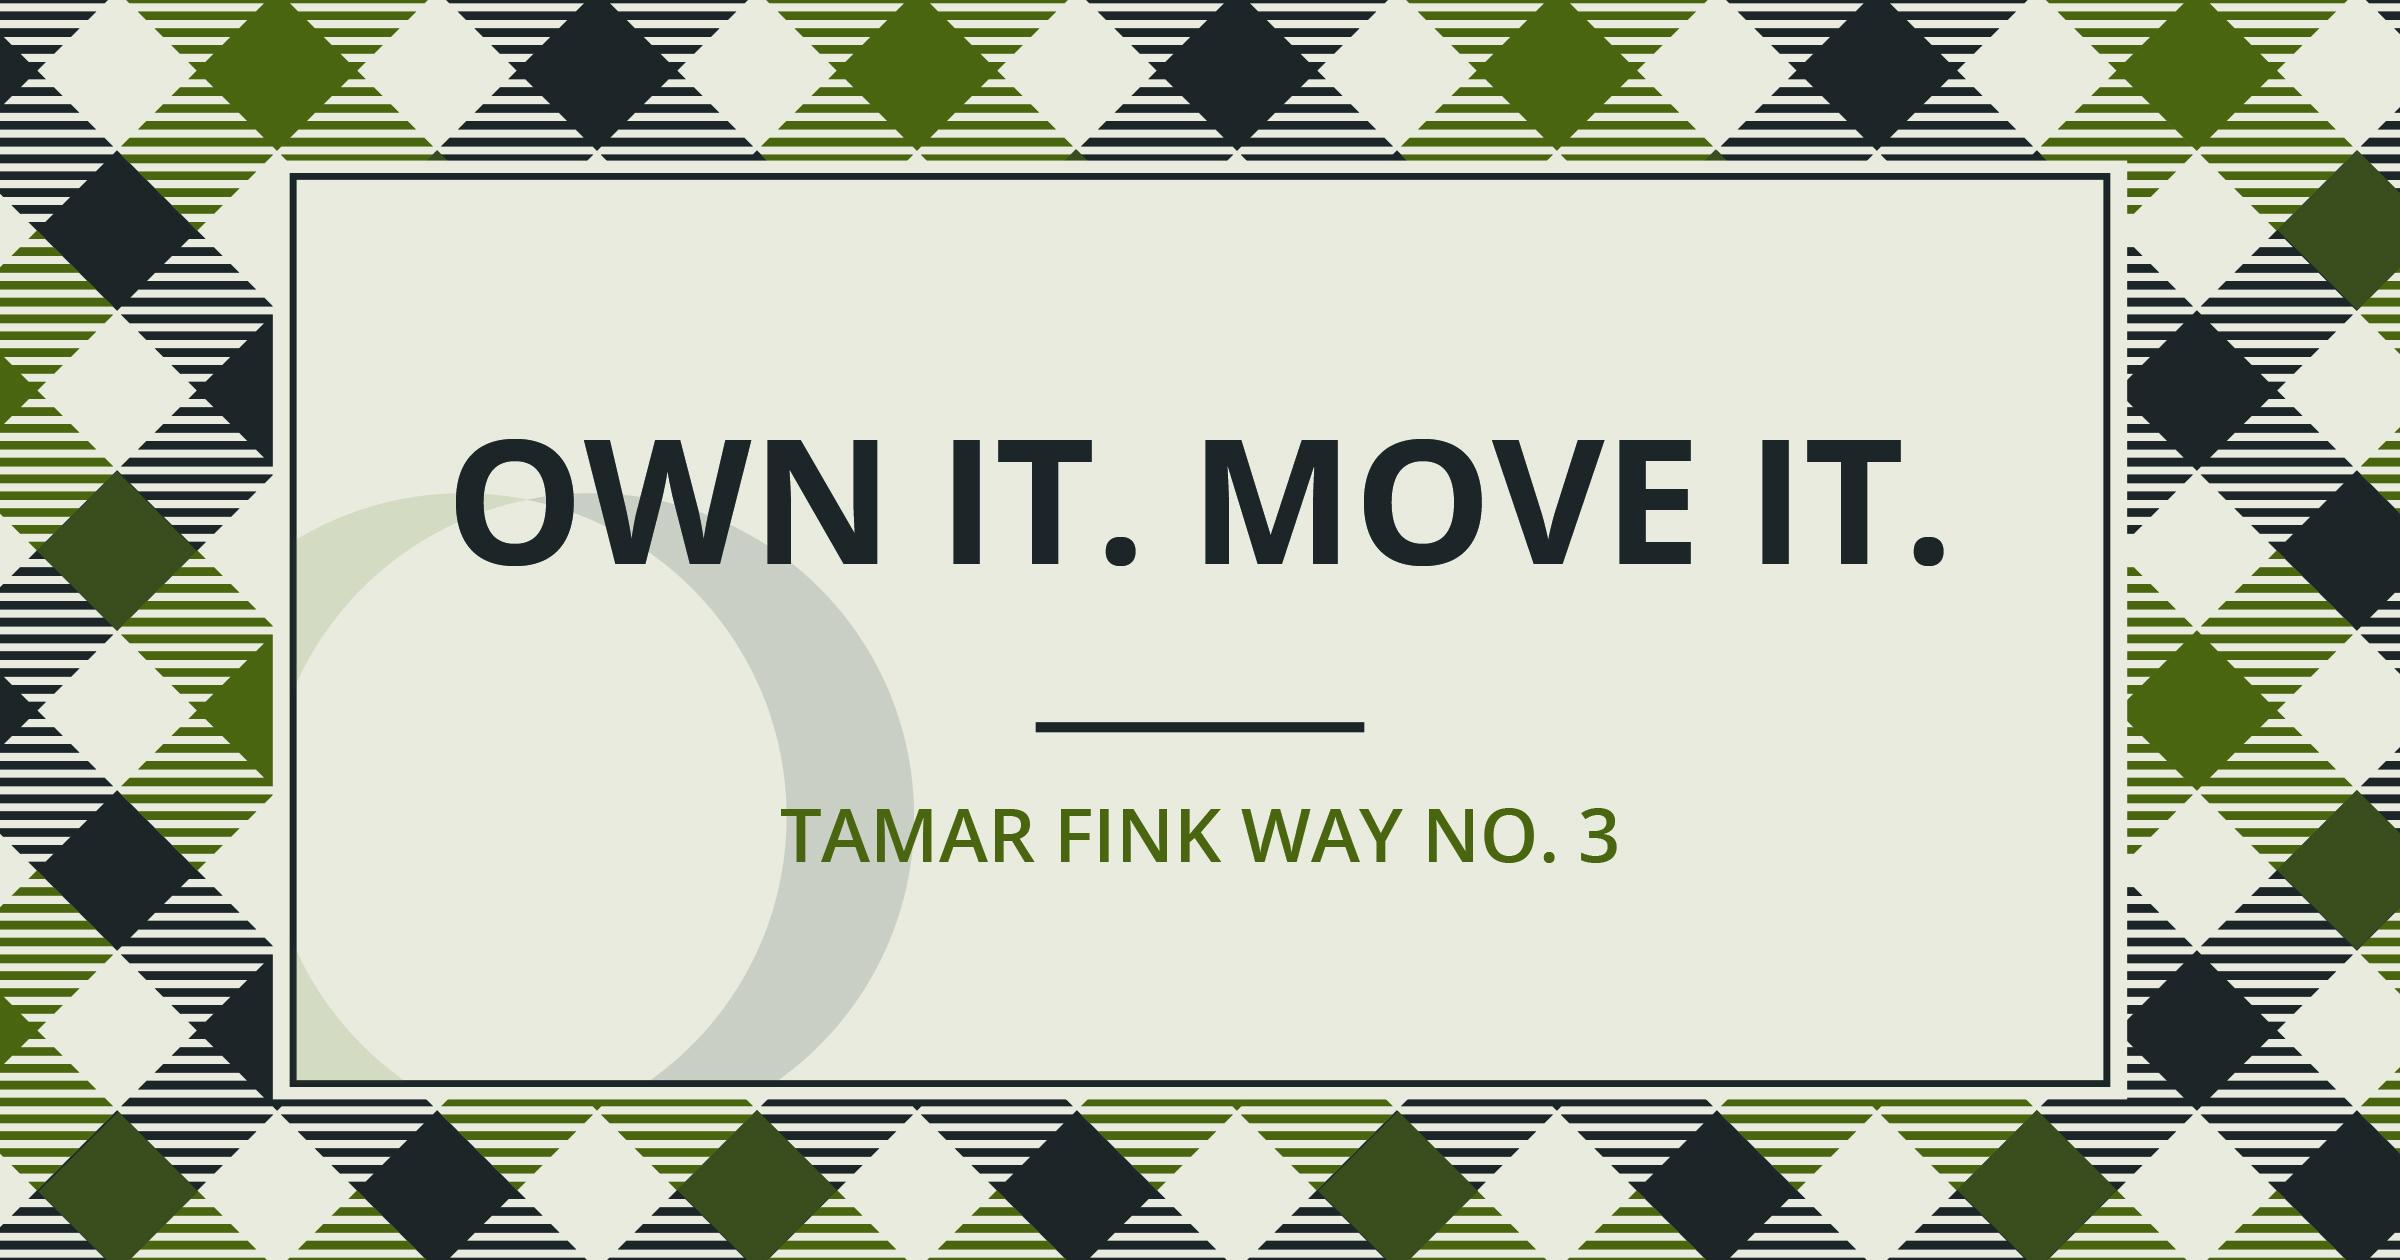 The Tamar Fink Way - #3